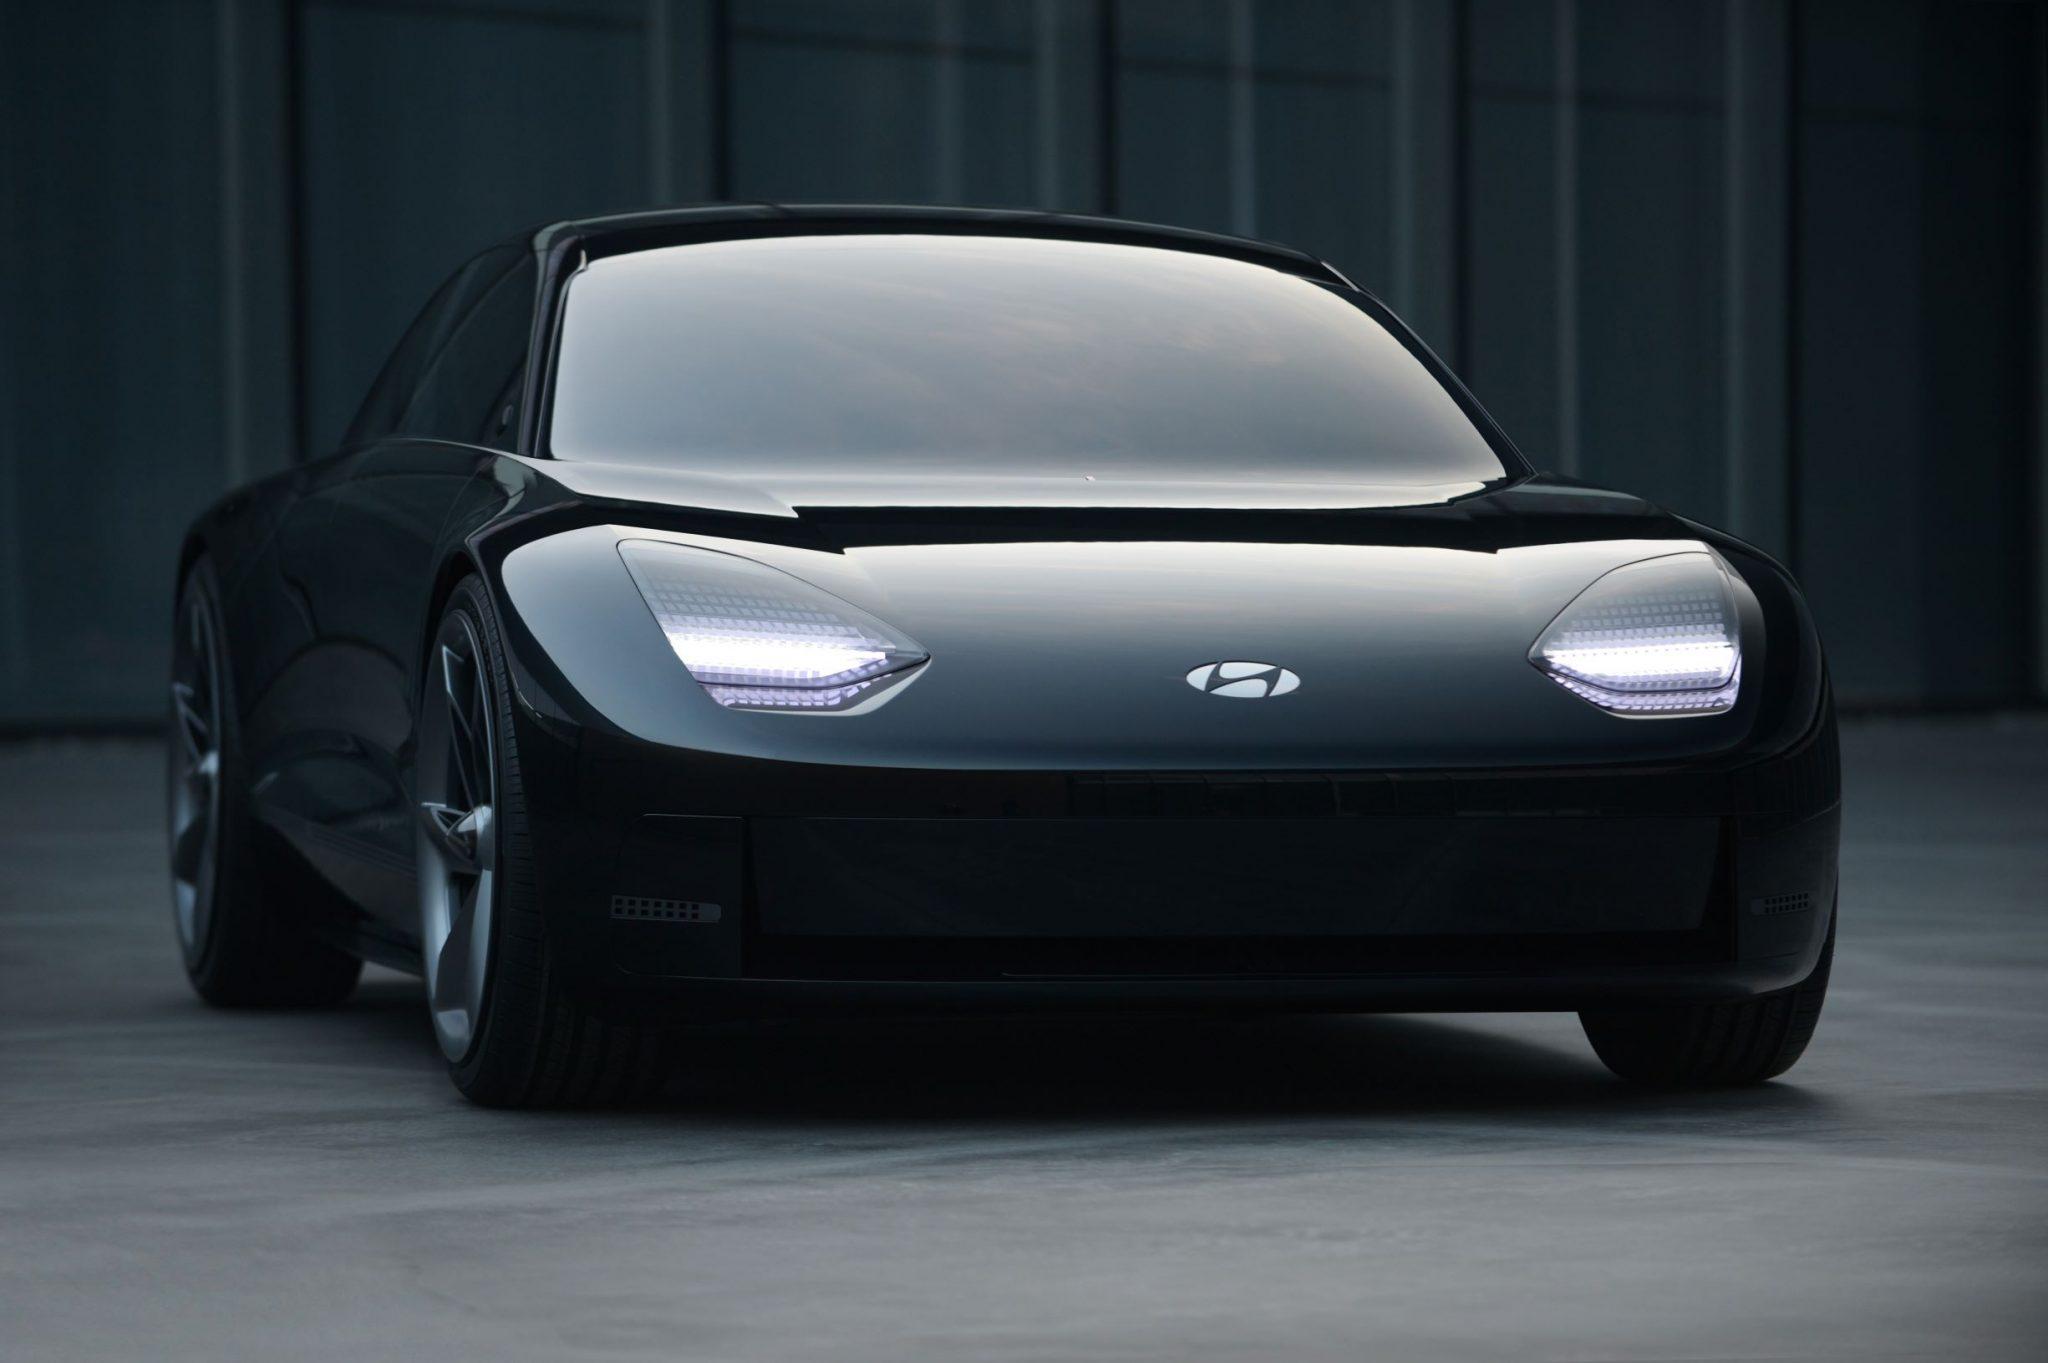 Hyundai porta l'elettrica fuori dagli schemi thumbnail